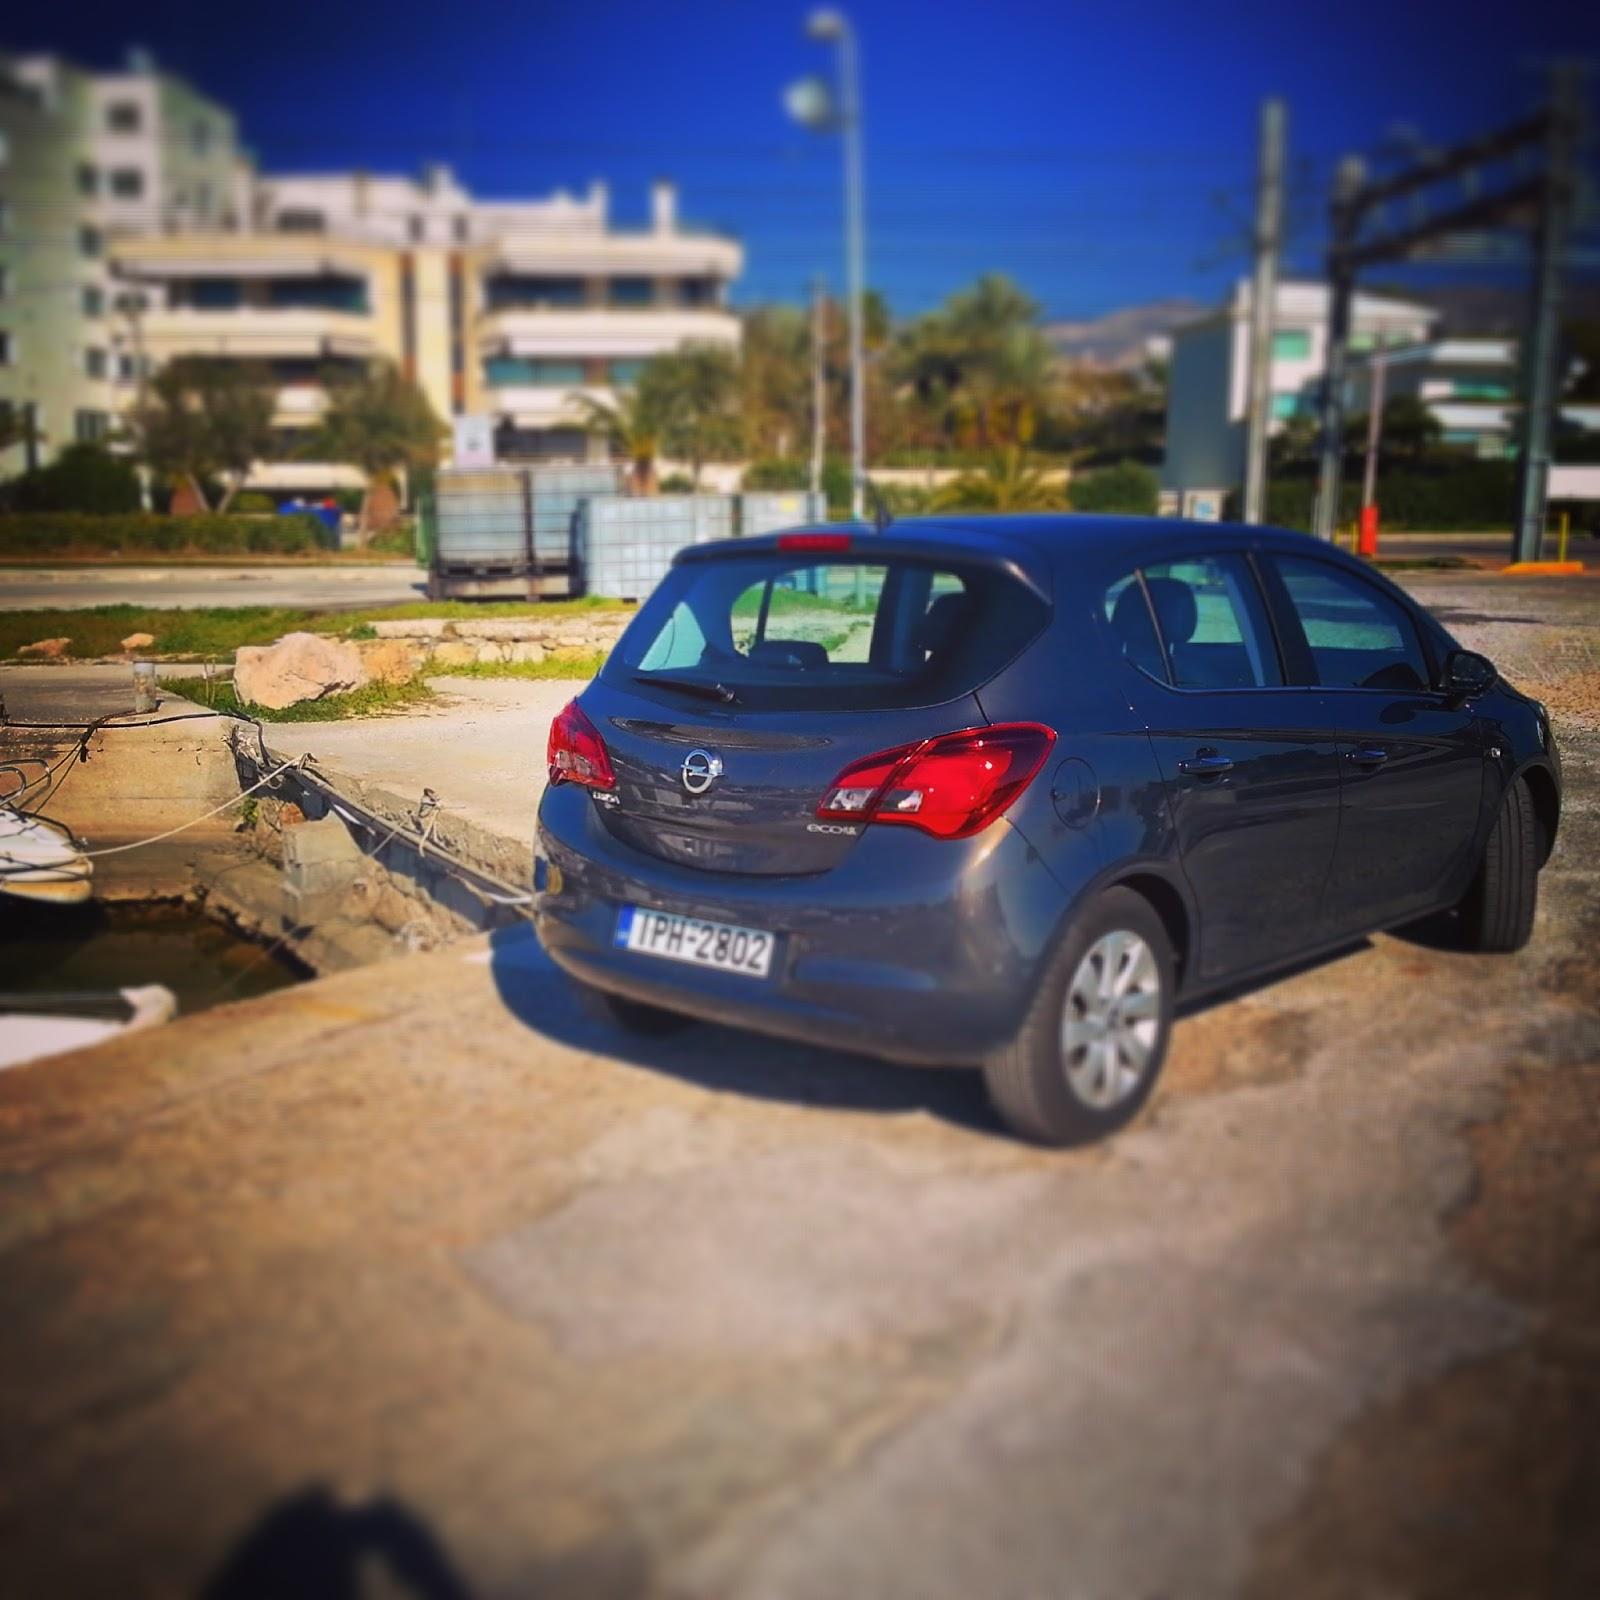 f5 Δοκιμάζουμε το Opel Corsa 1,3 diesel